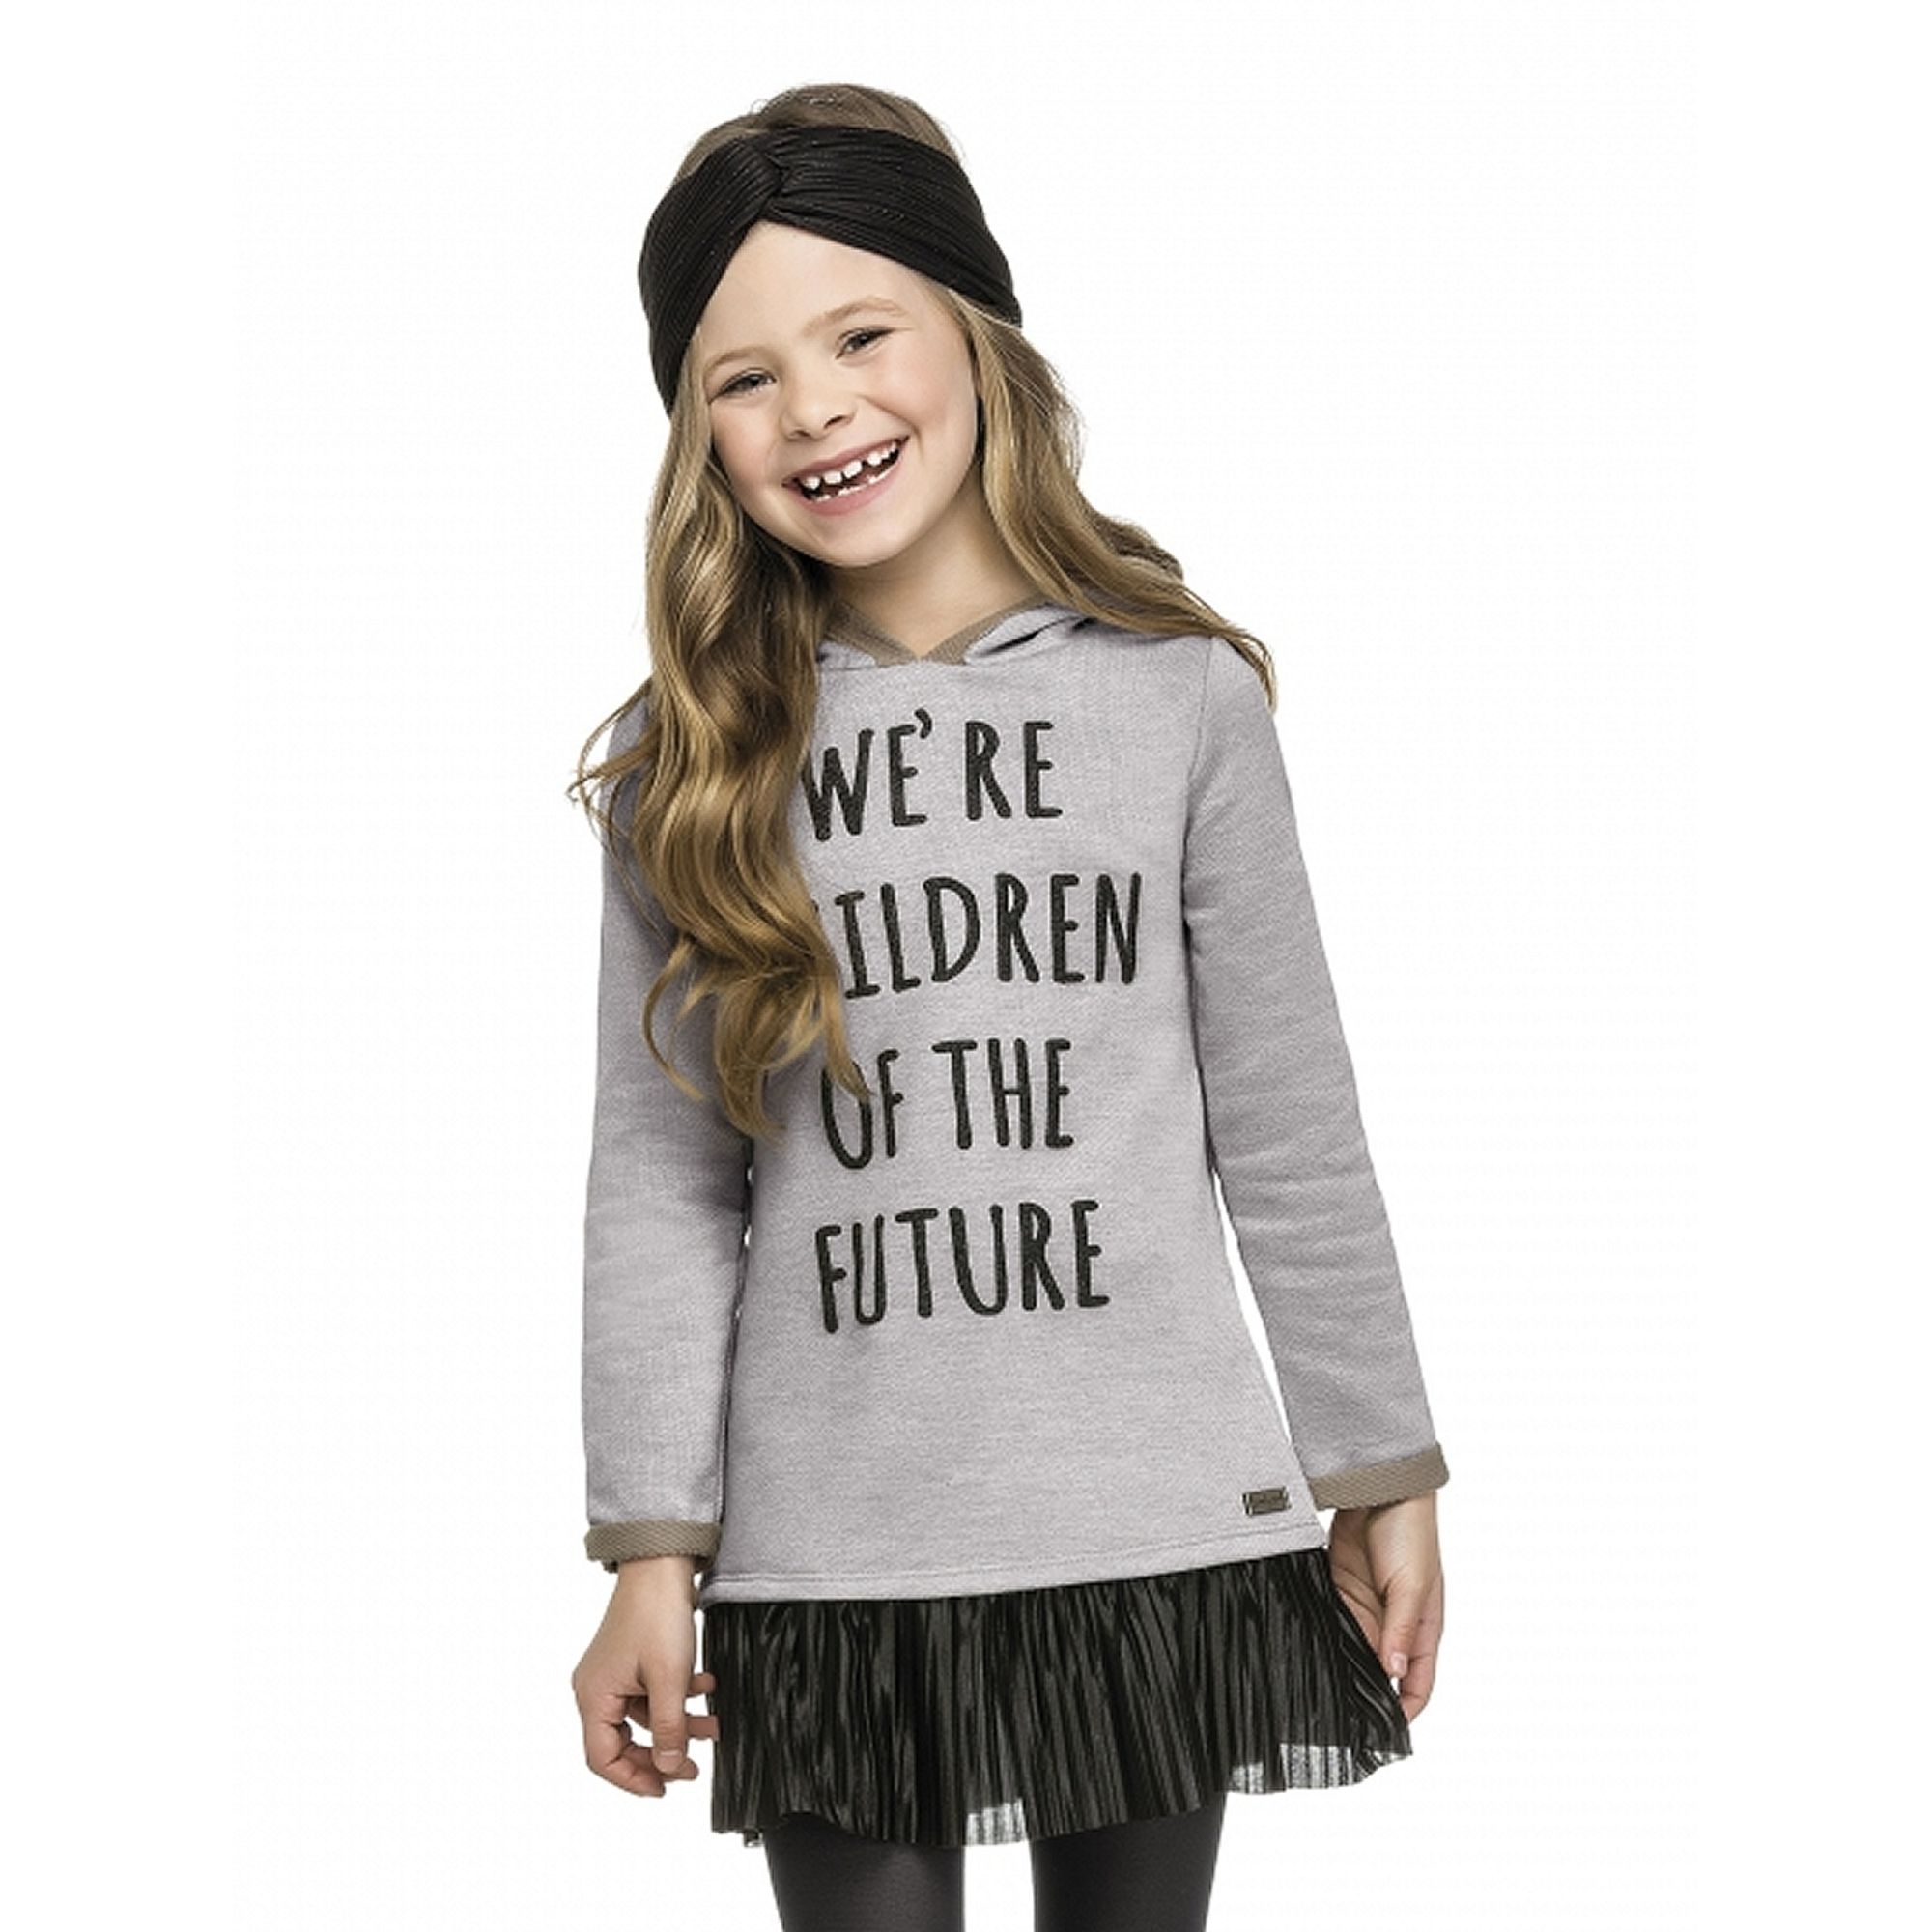 vestido-infantil-moletom-cinza-e-saia-plissada-quimby-1